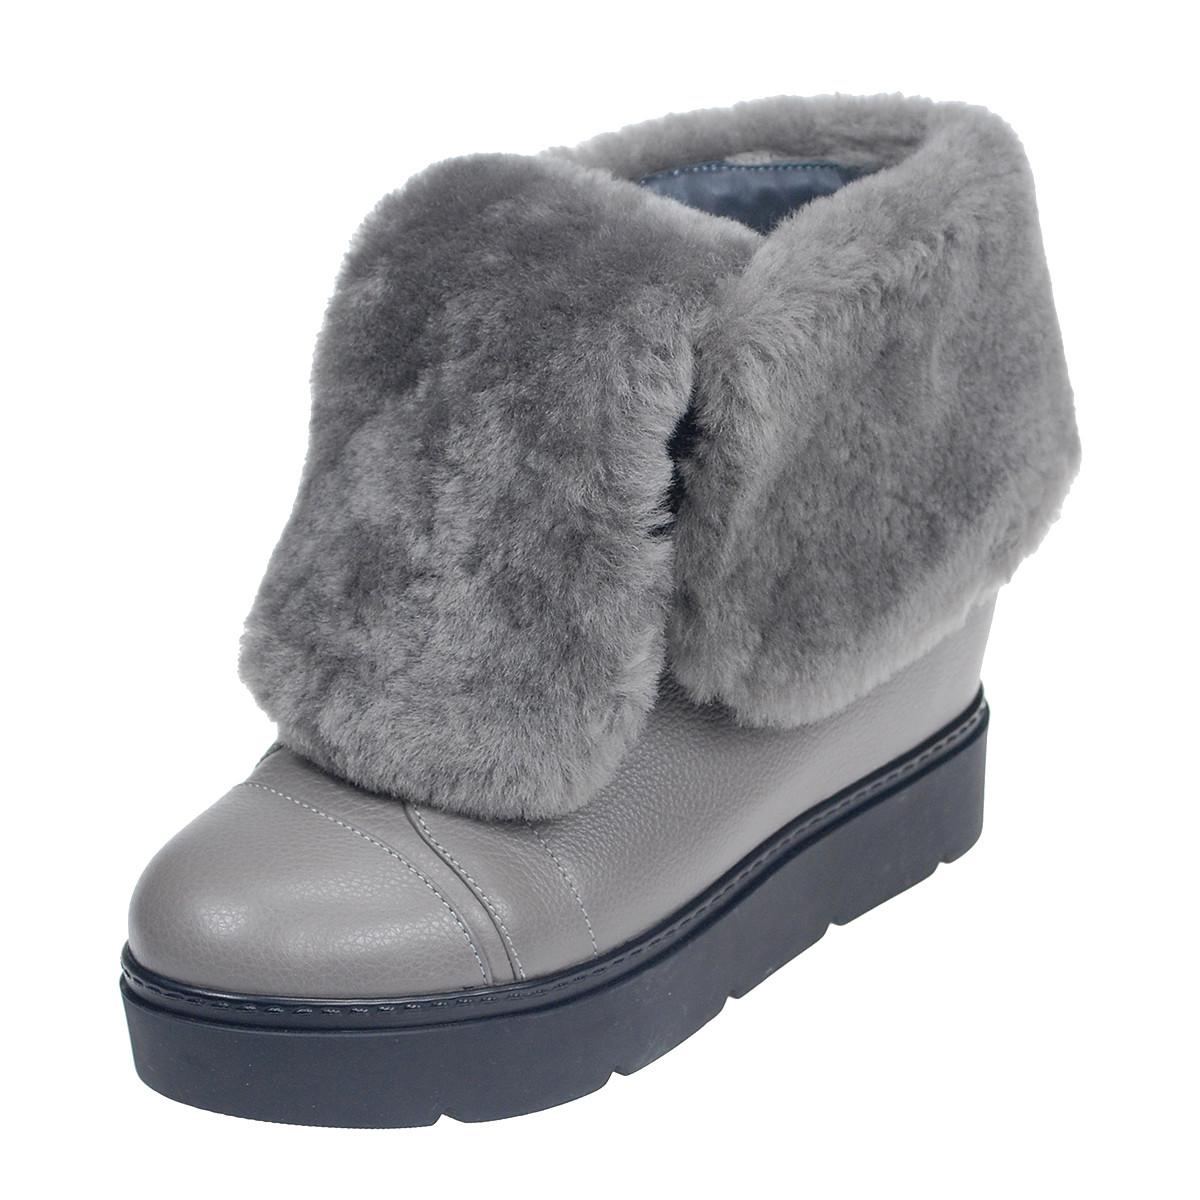 Шкіряні черевики жіночі зимові розміри 36-40